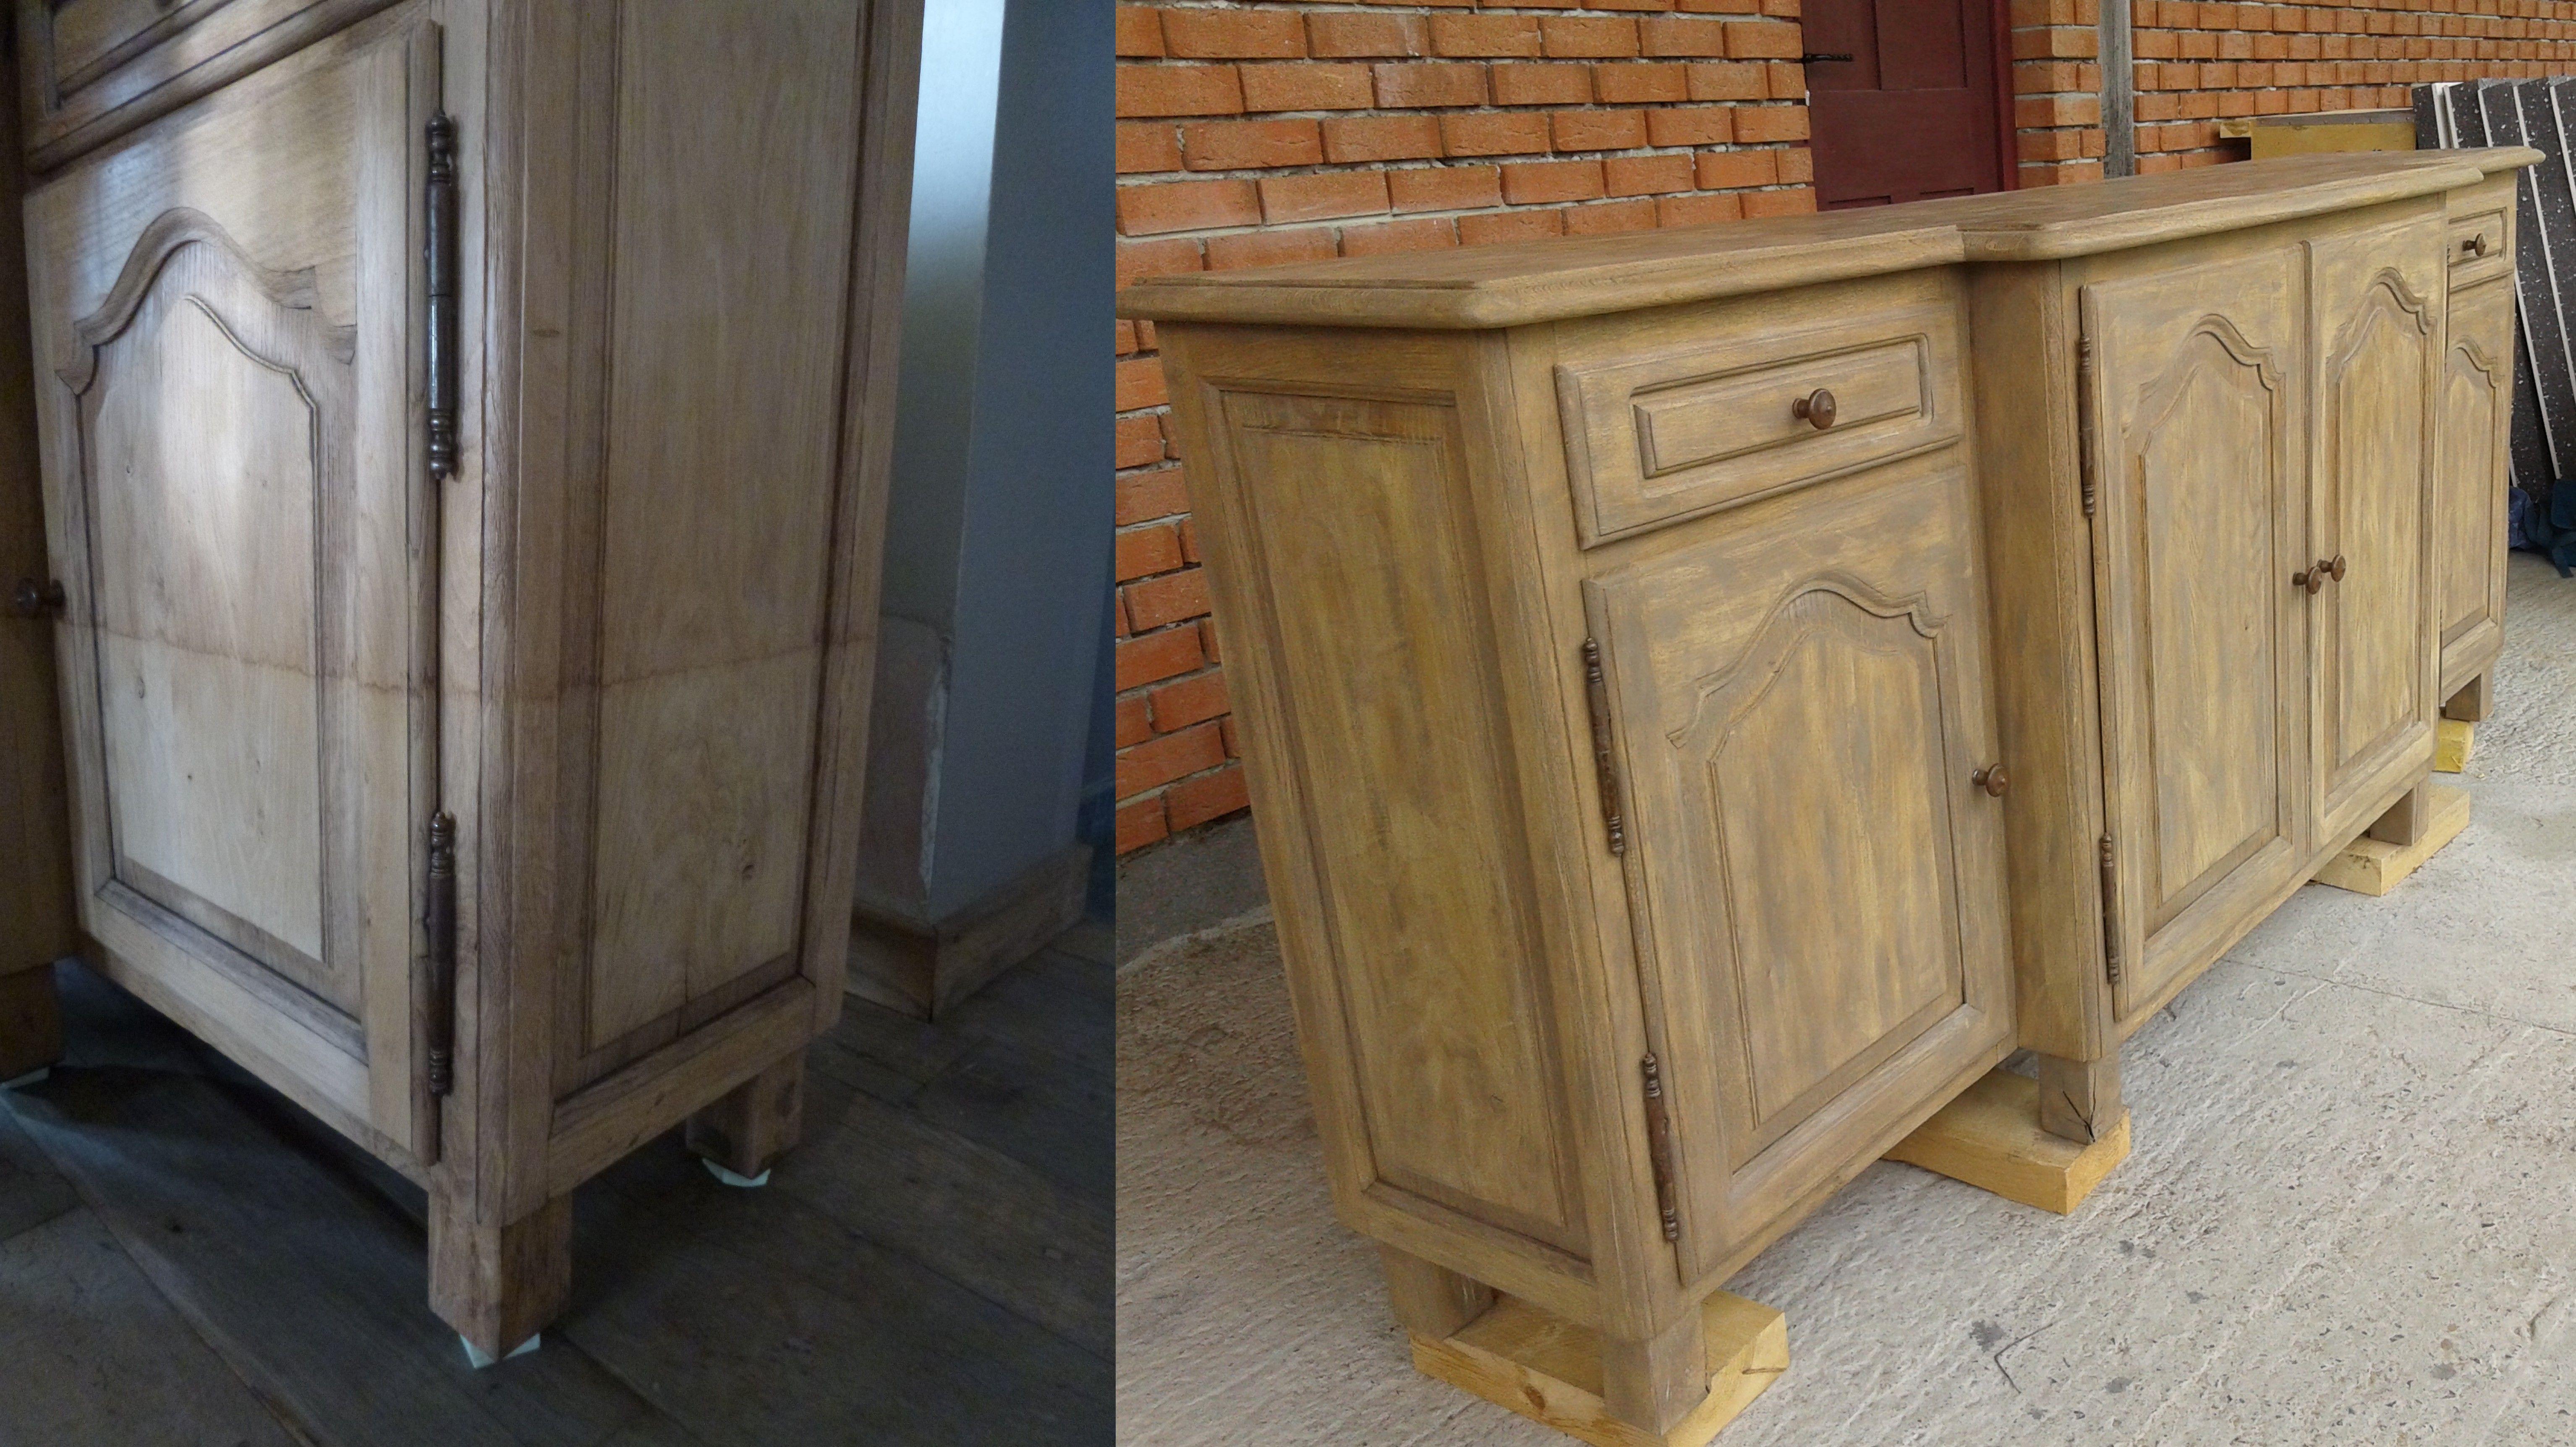 buffet 4 portes photos d 39 avant apr s restauration et patine sur demande d 39 un buffet ab m par un. Black Bedroom Furniture Sets. Home Design Ideas